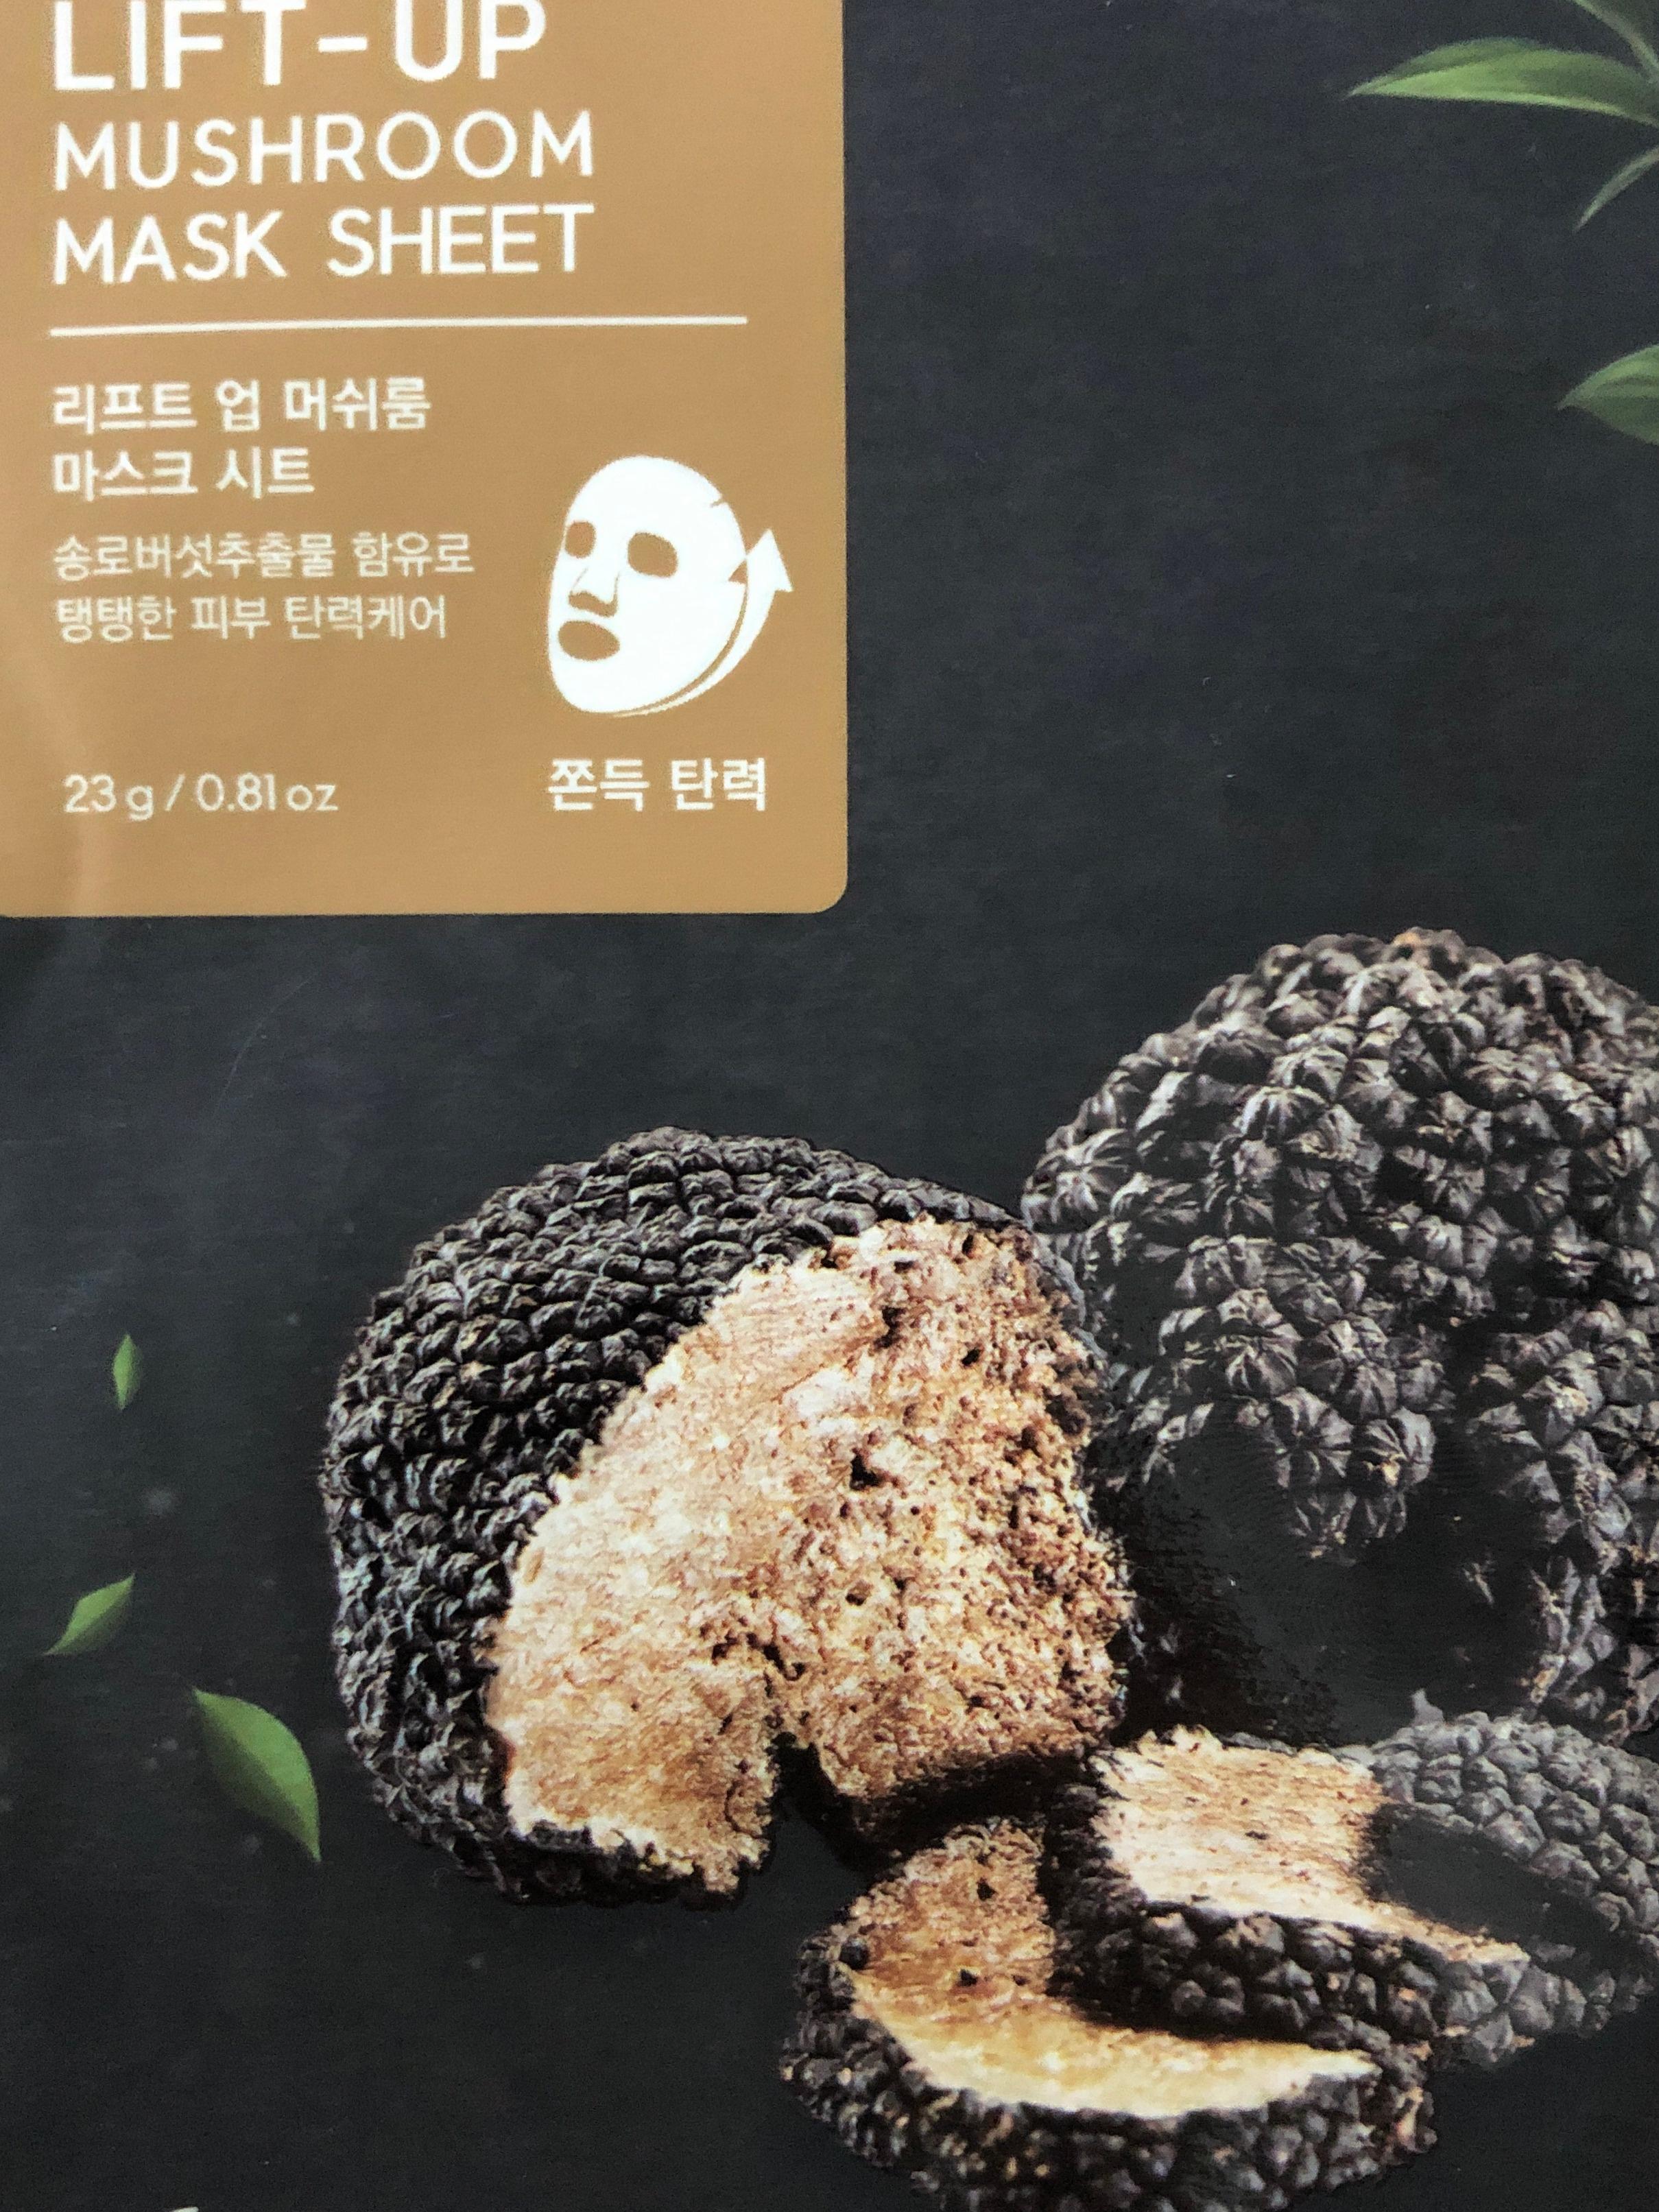 Elishacoy Lift-Up Mushroom Mask Sheet